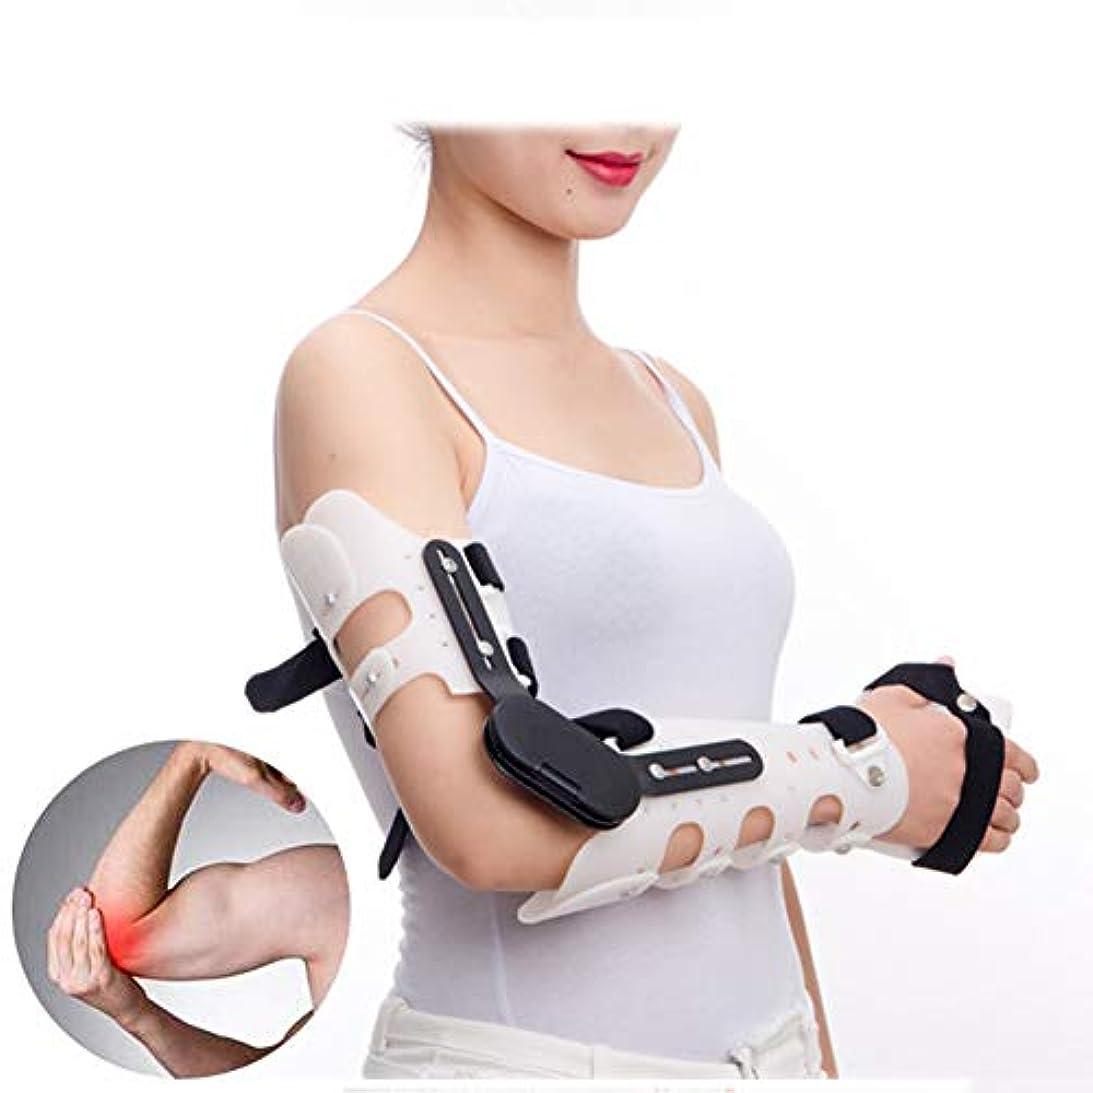 今までアレルギー性パール骨折した腕の肘のための腕サポート腕の吊り鎖、鎮痛剤および固定のための装具ROMのためのサポート肘 - 1サイズ - 男女兼用